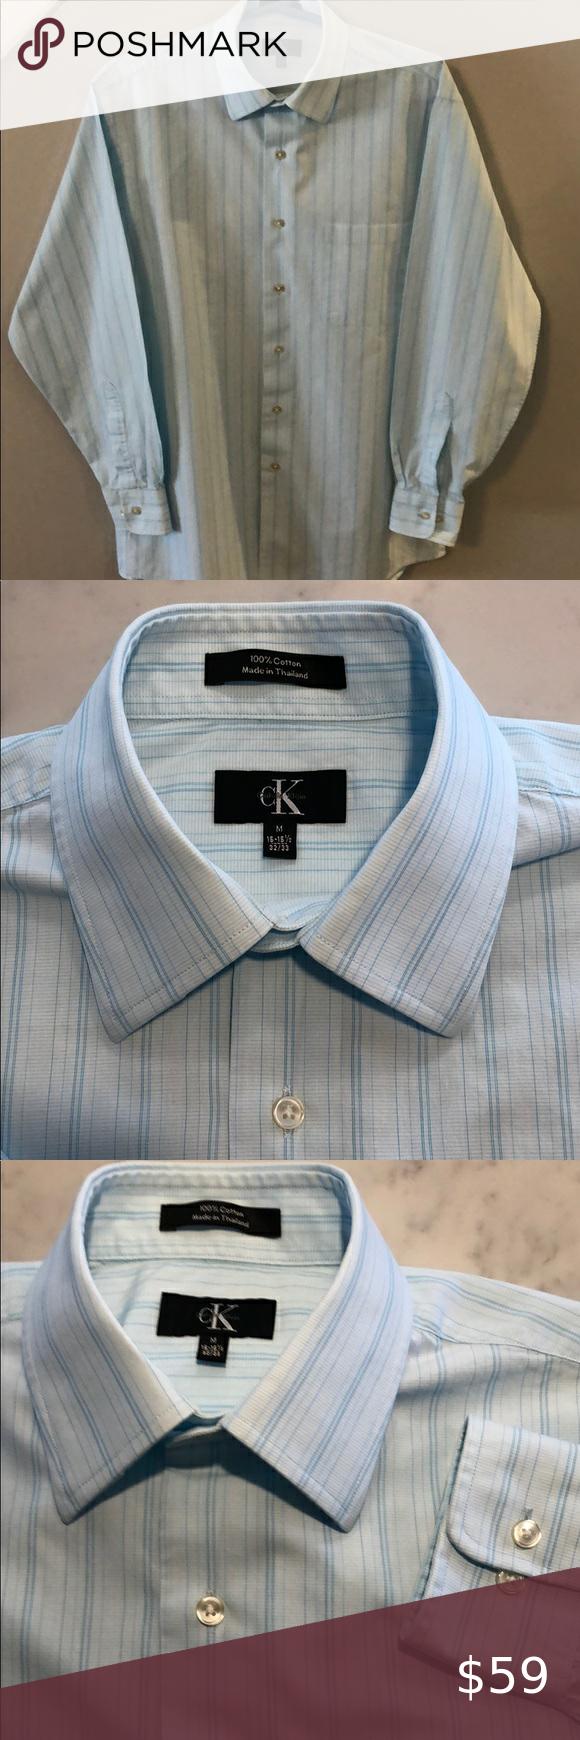 Calvin Klein Long Sleeve Dress Shirt Long Sleeve Shirt Dress Clothes Design Shirt Dress [ 1740 x 580 Pixel ]